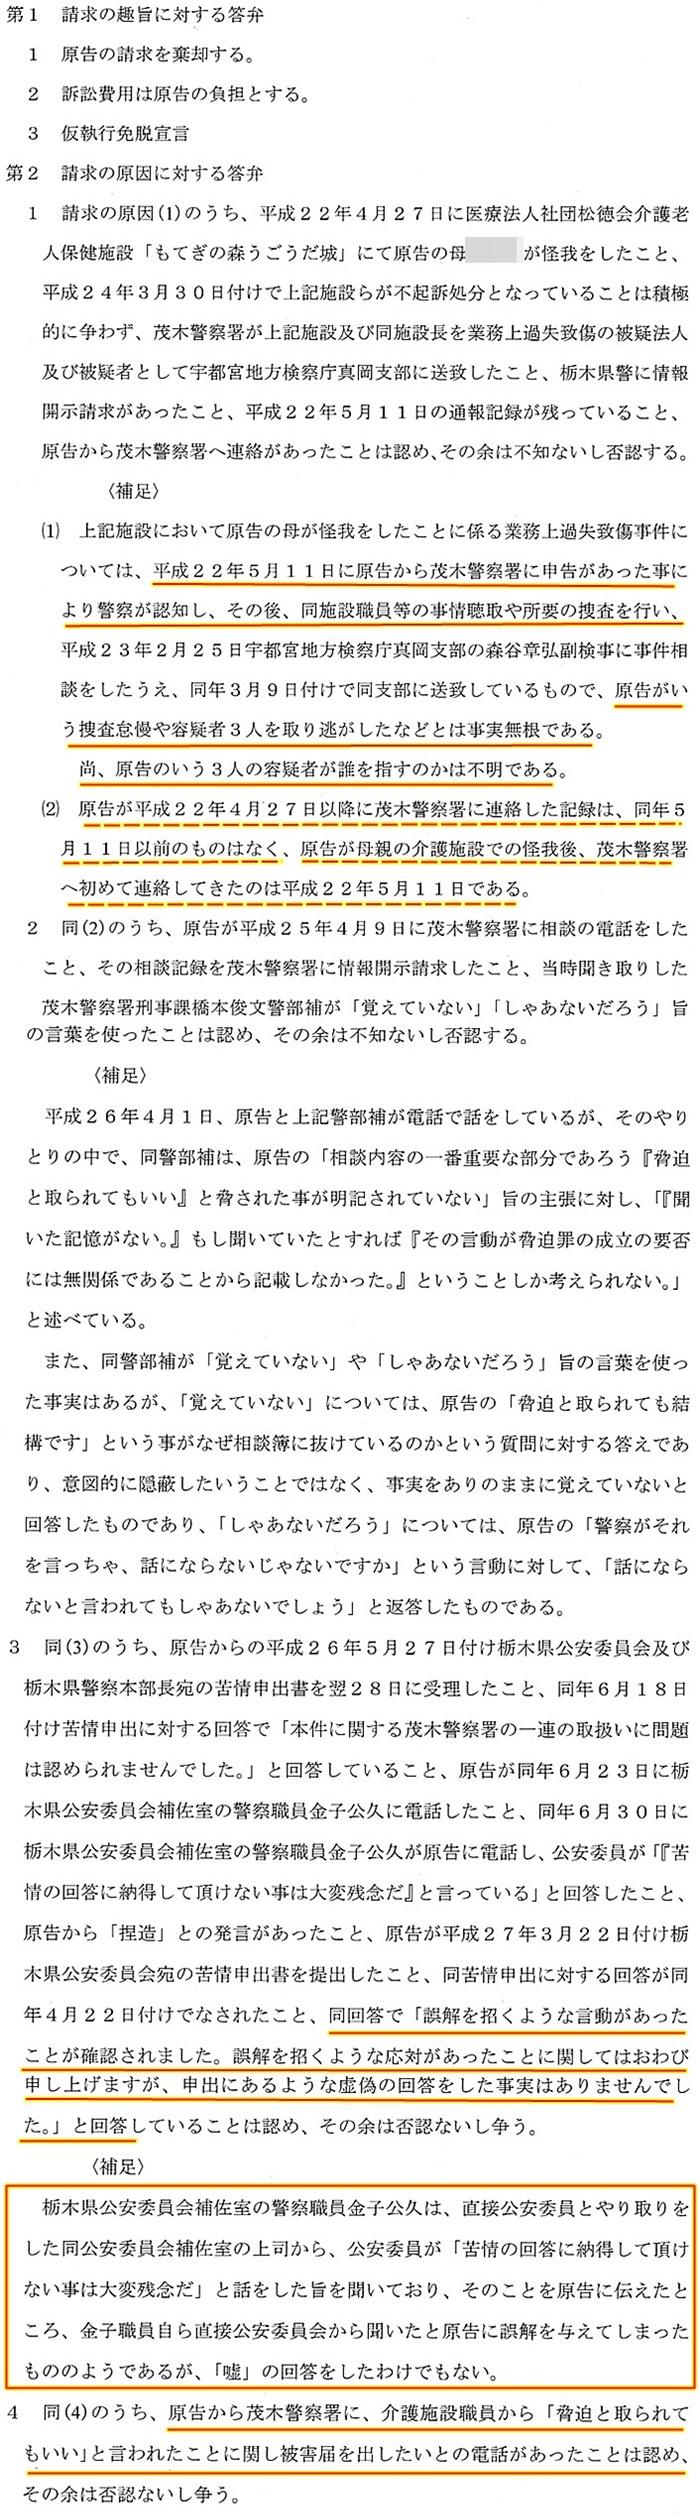 栃木県県警 平野浩視弁護士 福田富一知事2